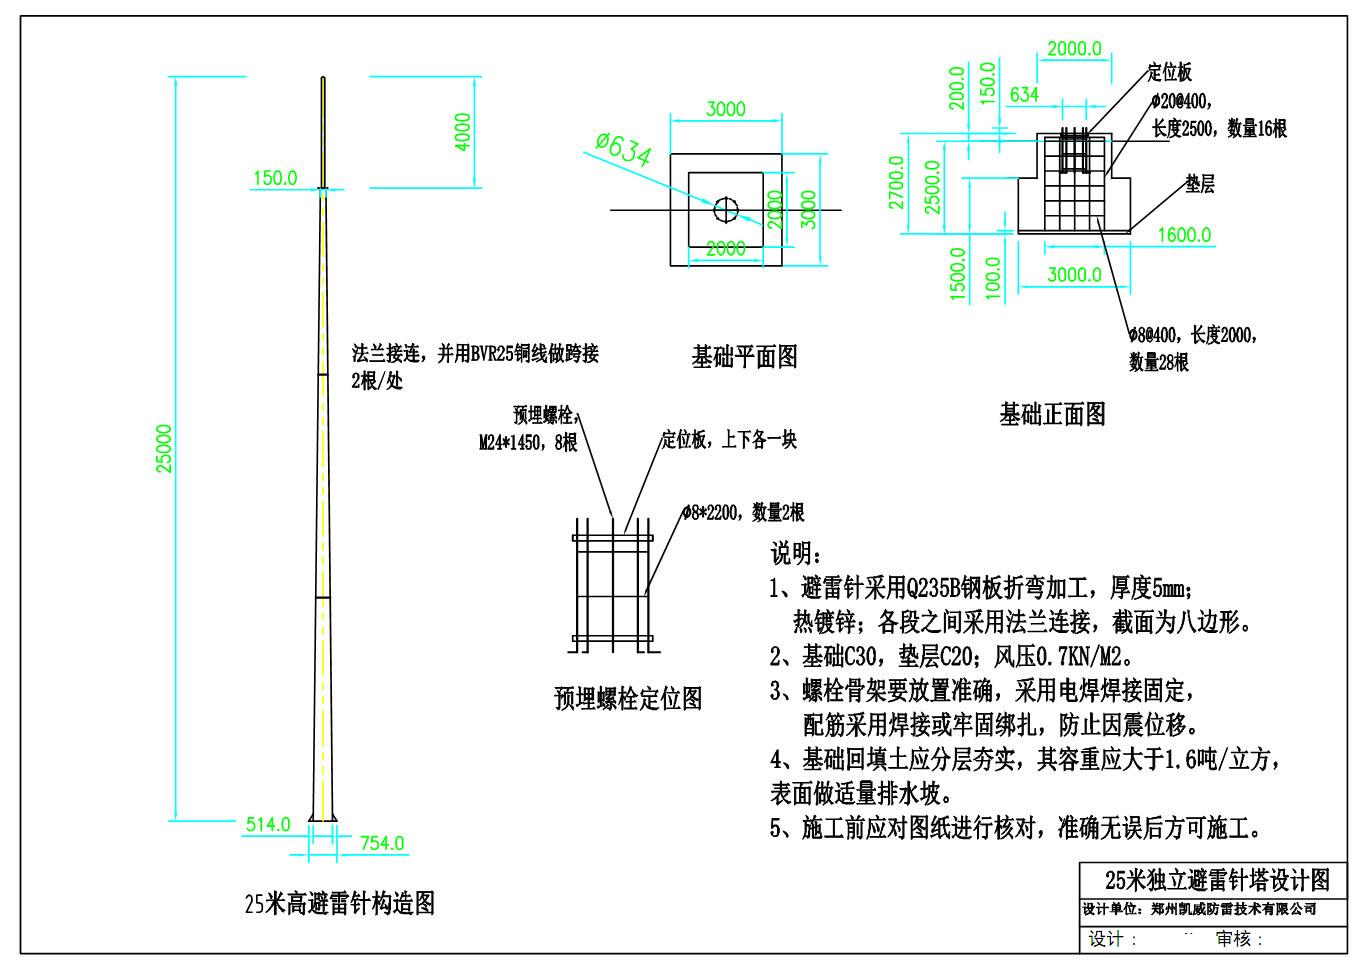 25米钢管避雷针设计图.jpg